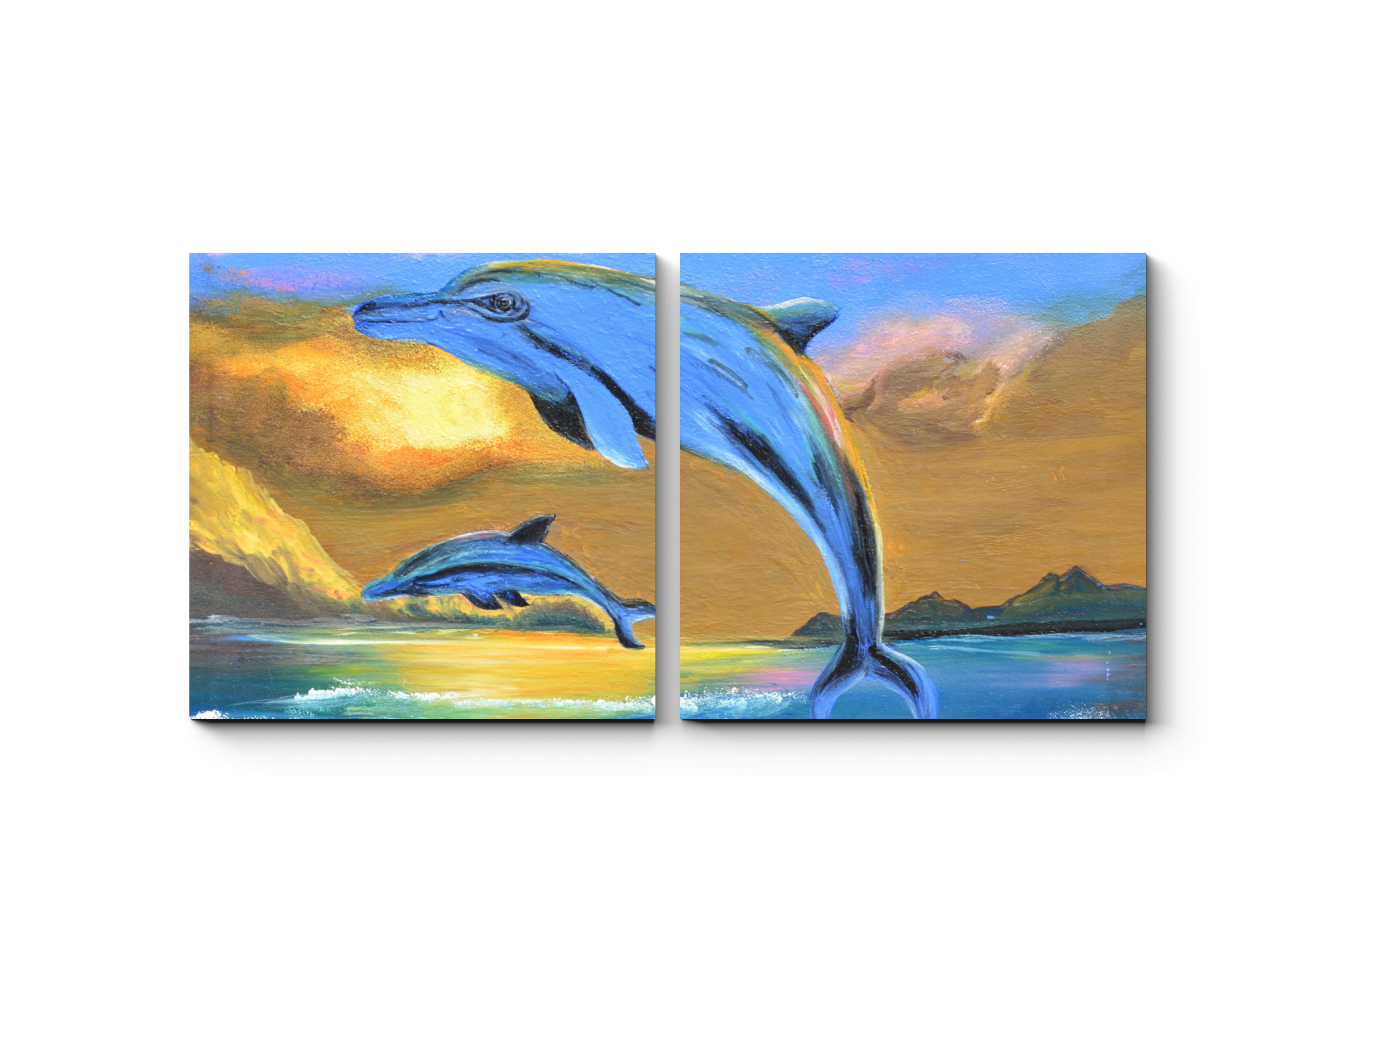 Модульная картина Дельфины на закате, масло (40x20) фото